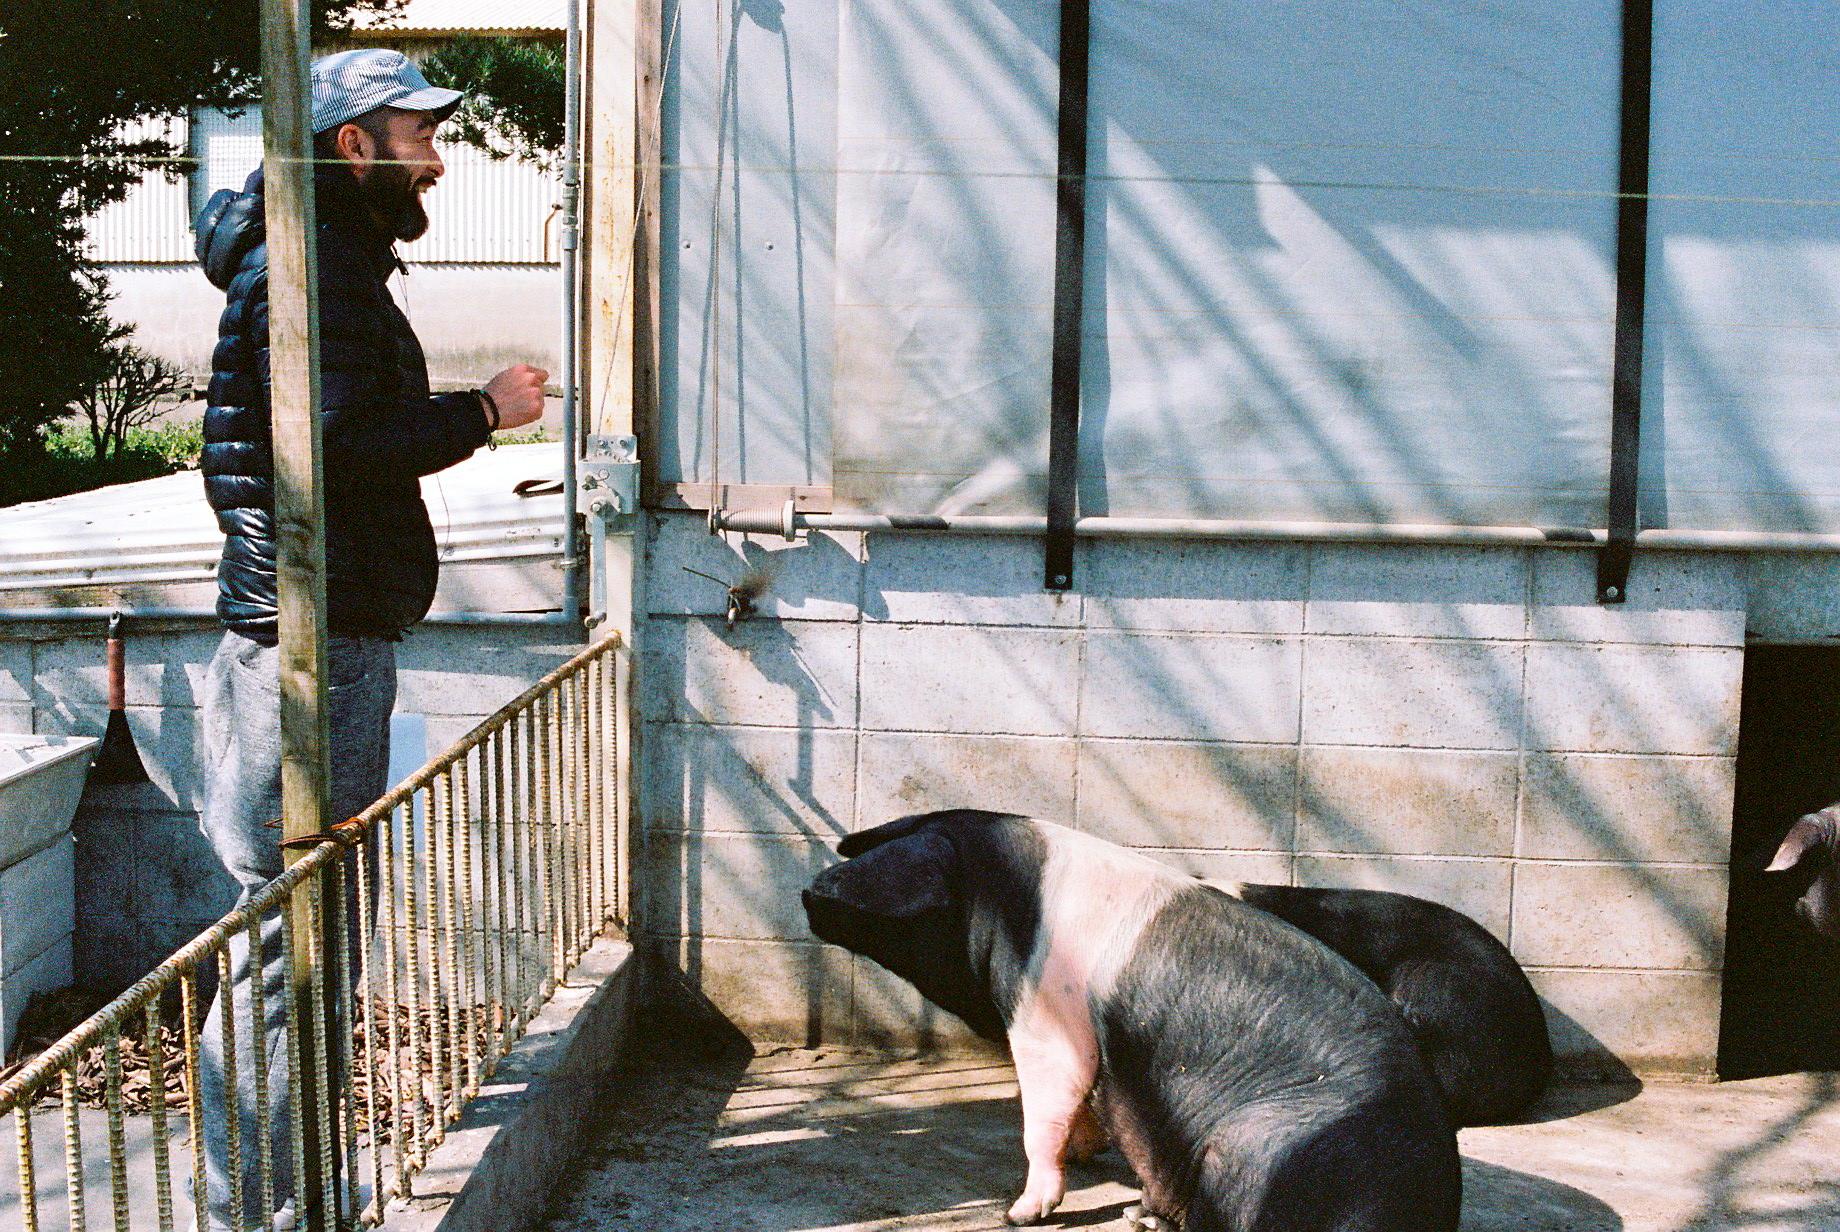 びっくりする豚、びっくりする料理人